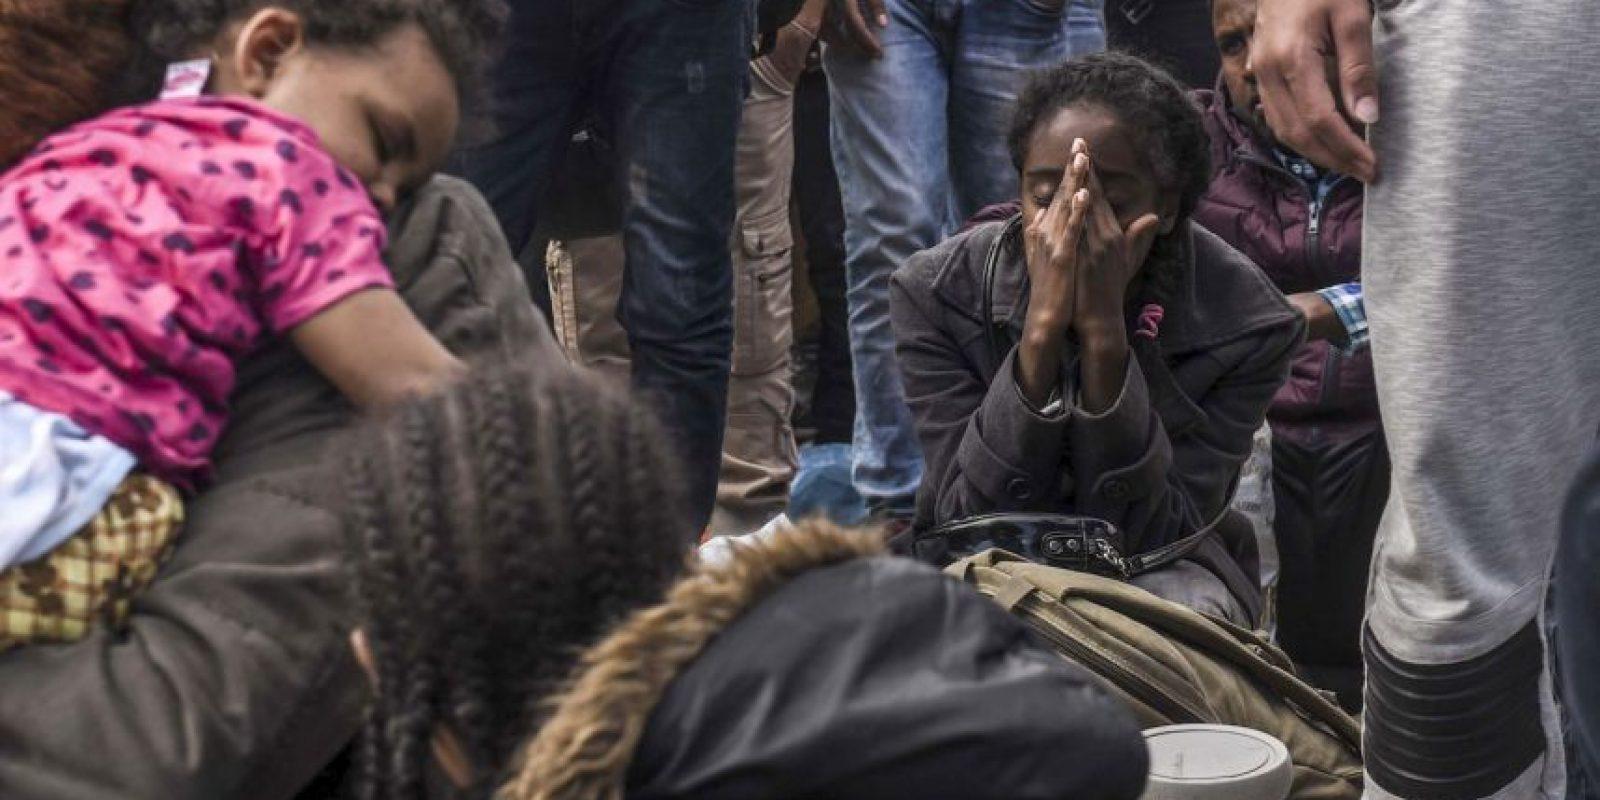 Migrantes en asilo de Macedonia. Foto:AFP